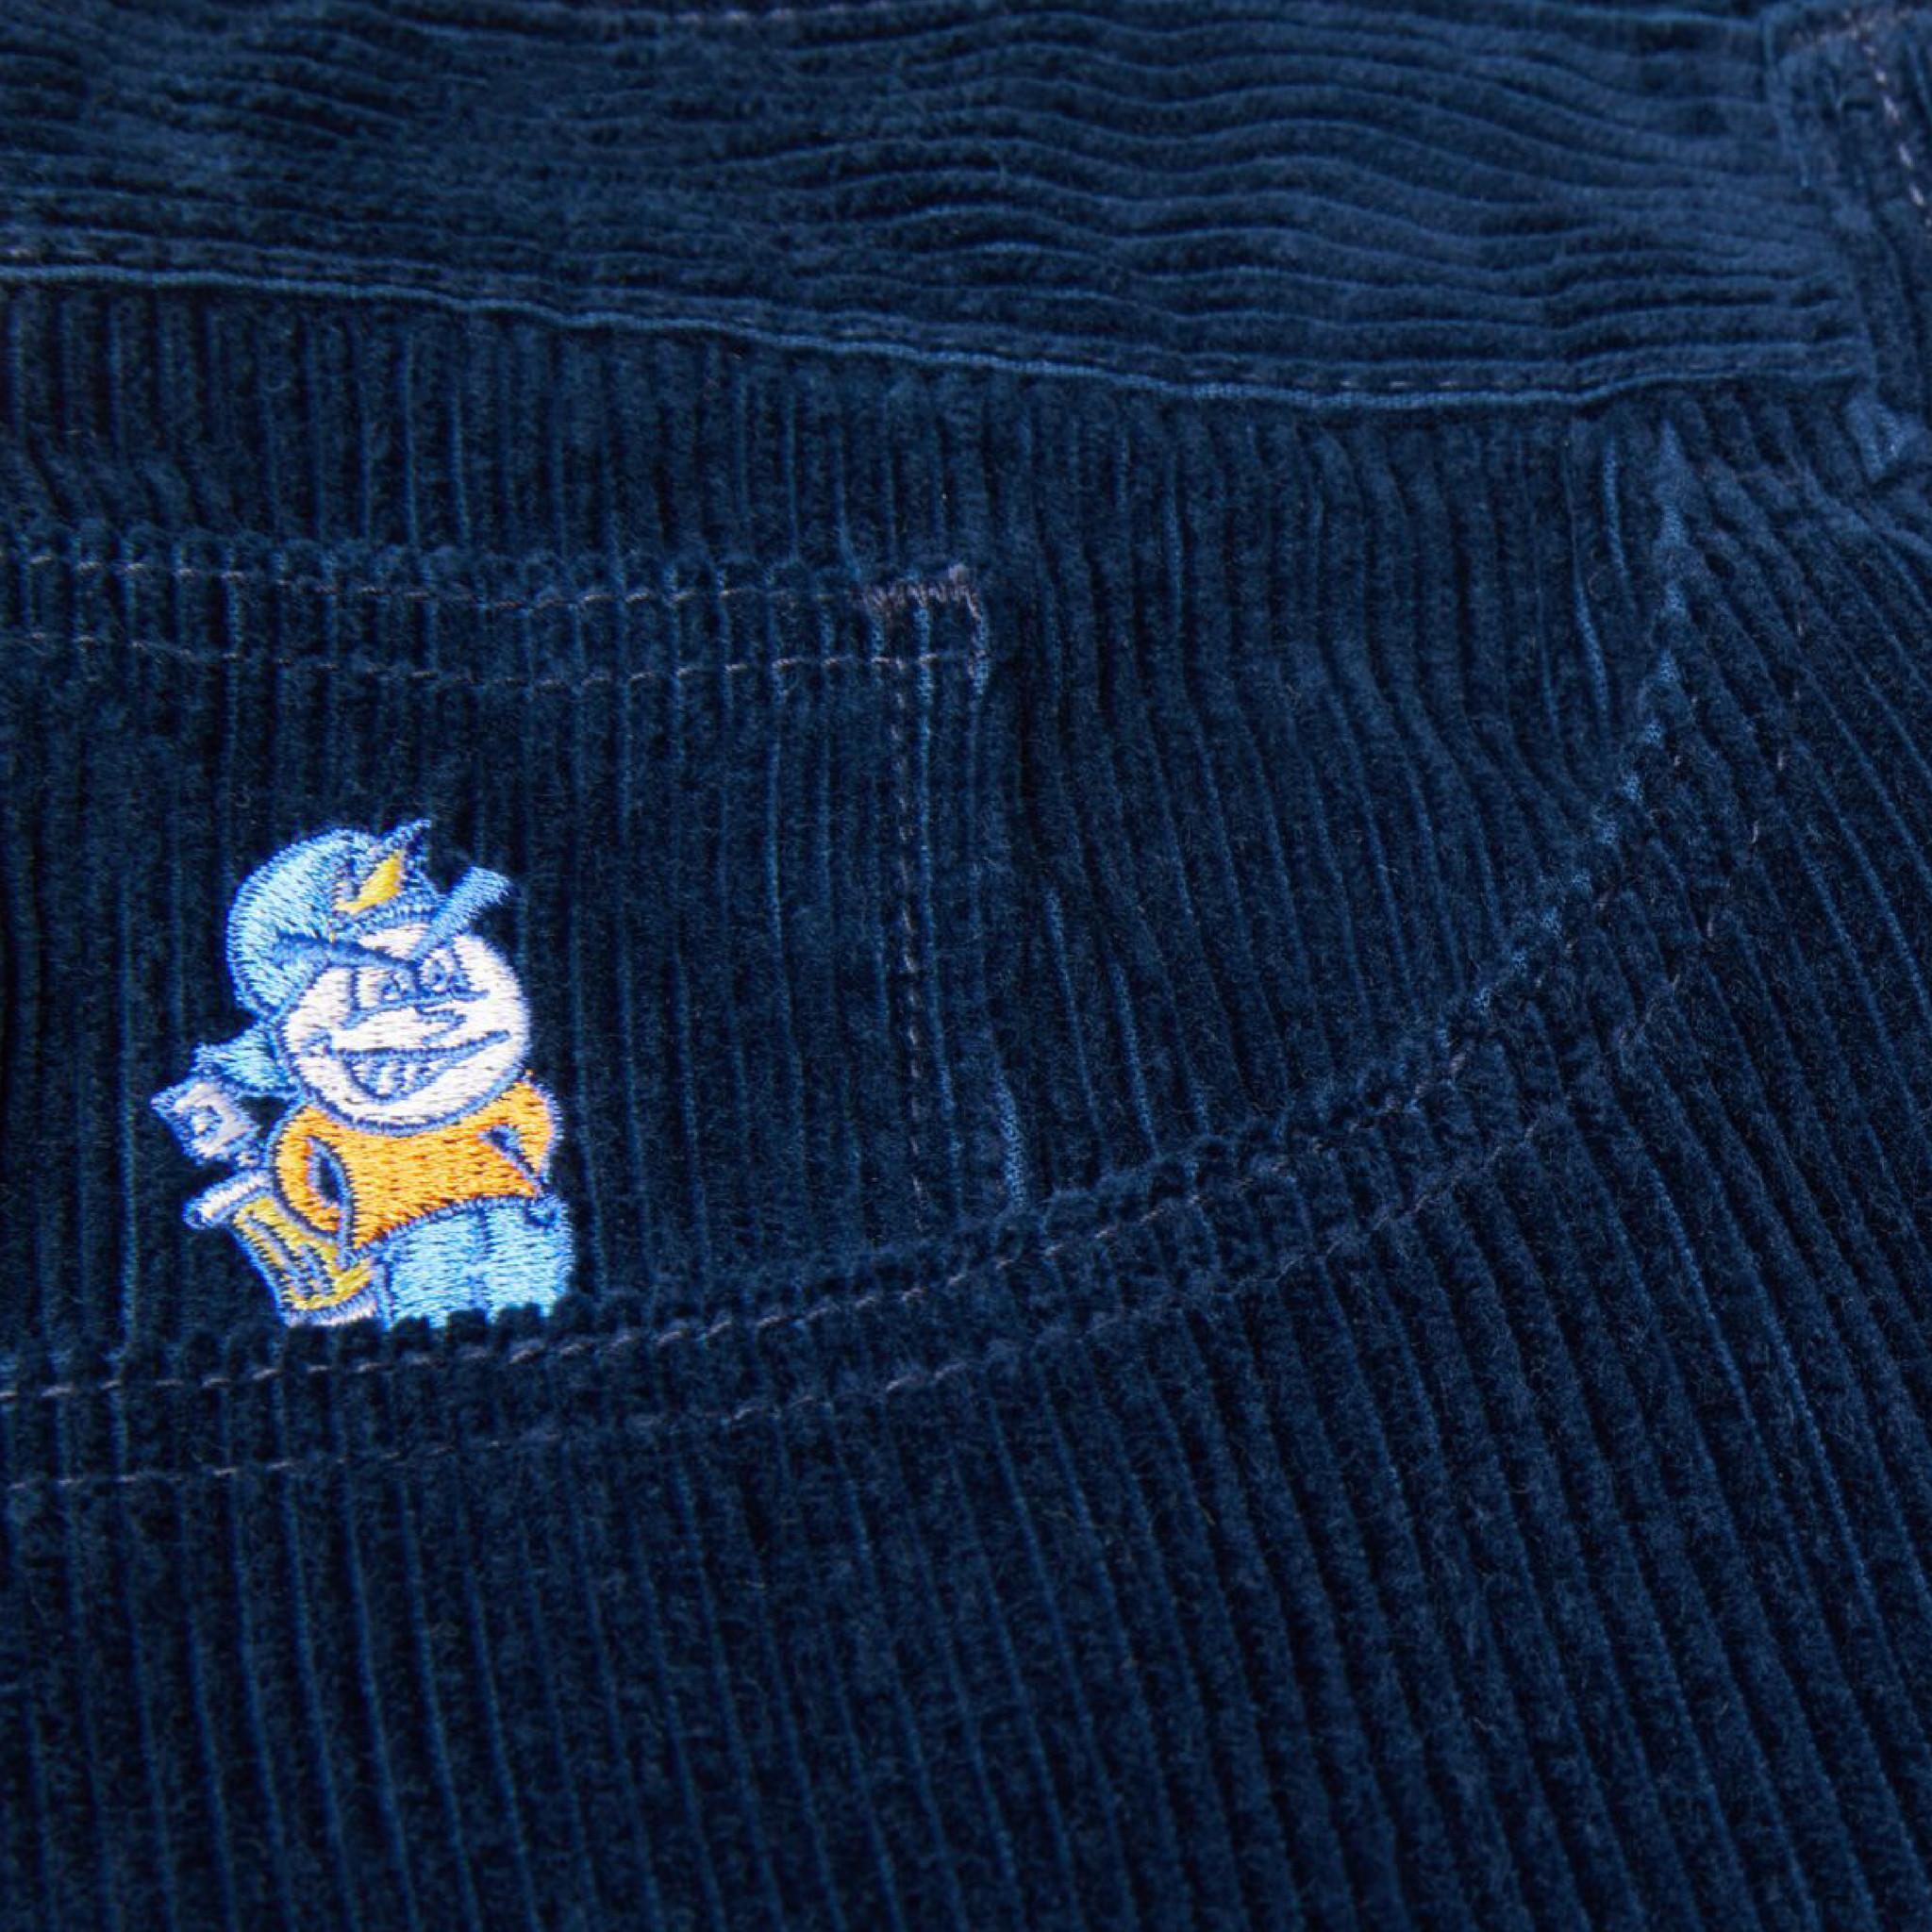 POLAR POLAR '93! CORDS POLICE BLUE